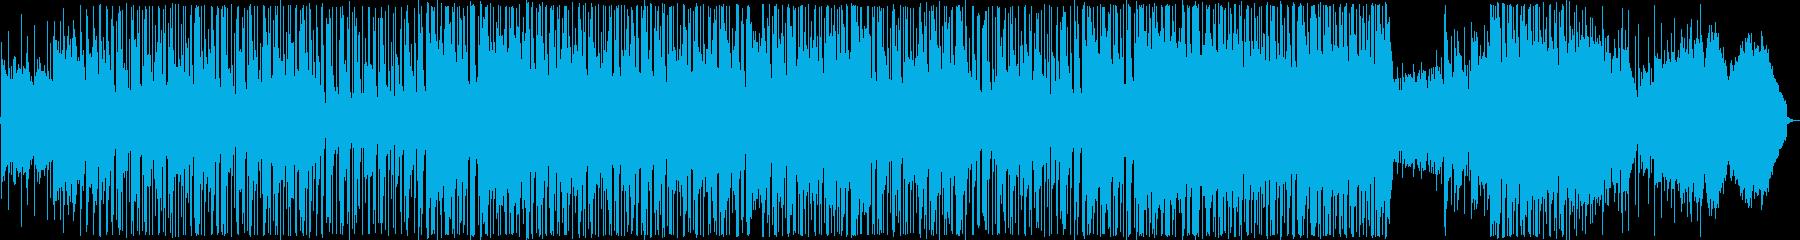 ニューエイジ風の悲しい雰囲気のバラードの再生済みの波形